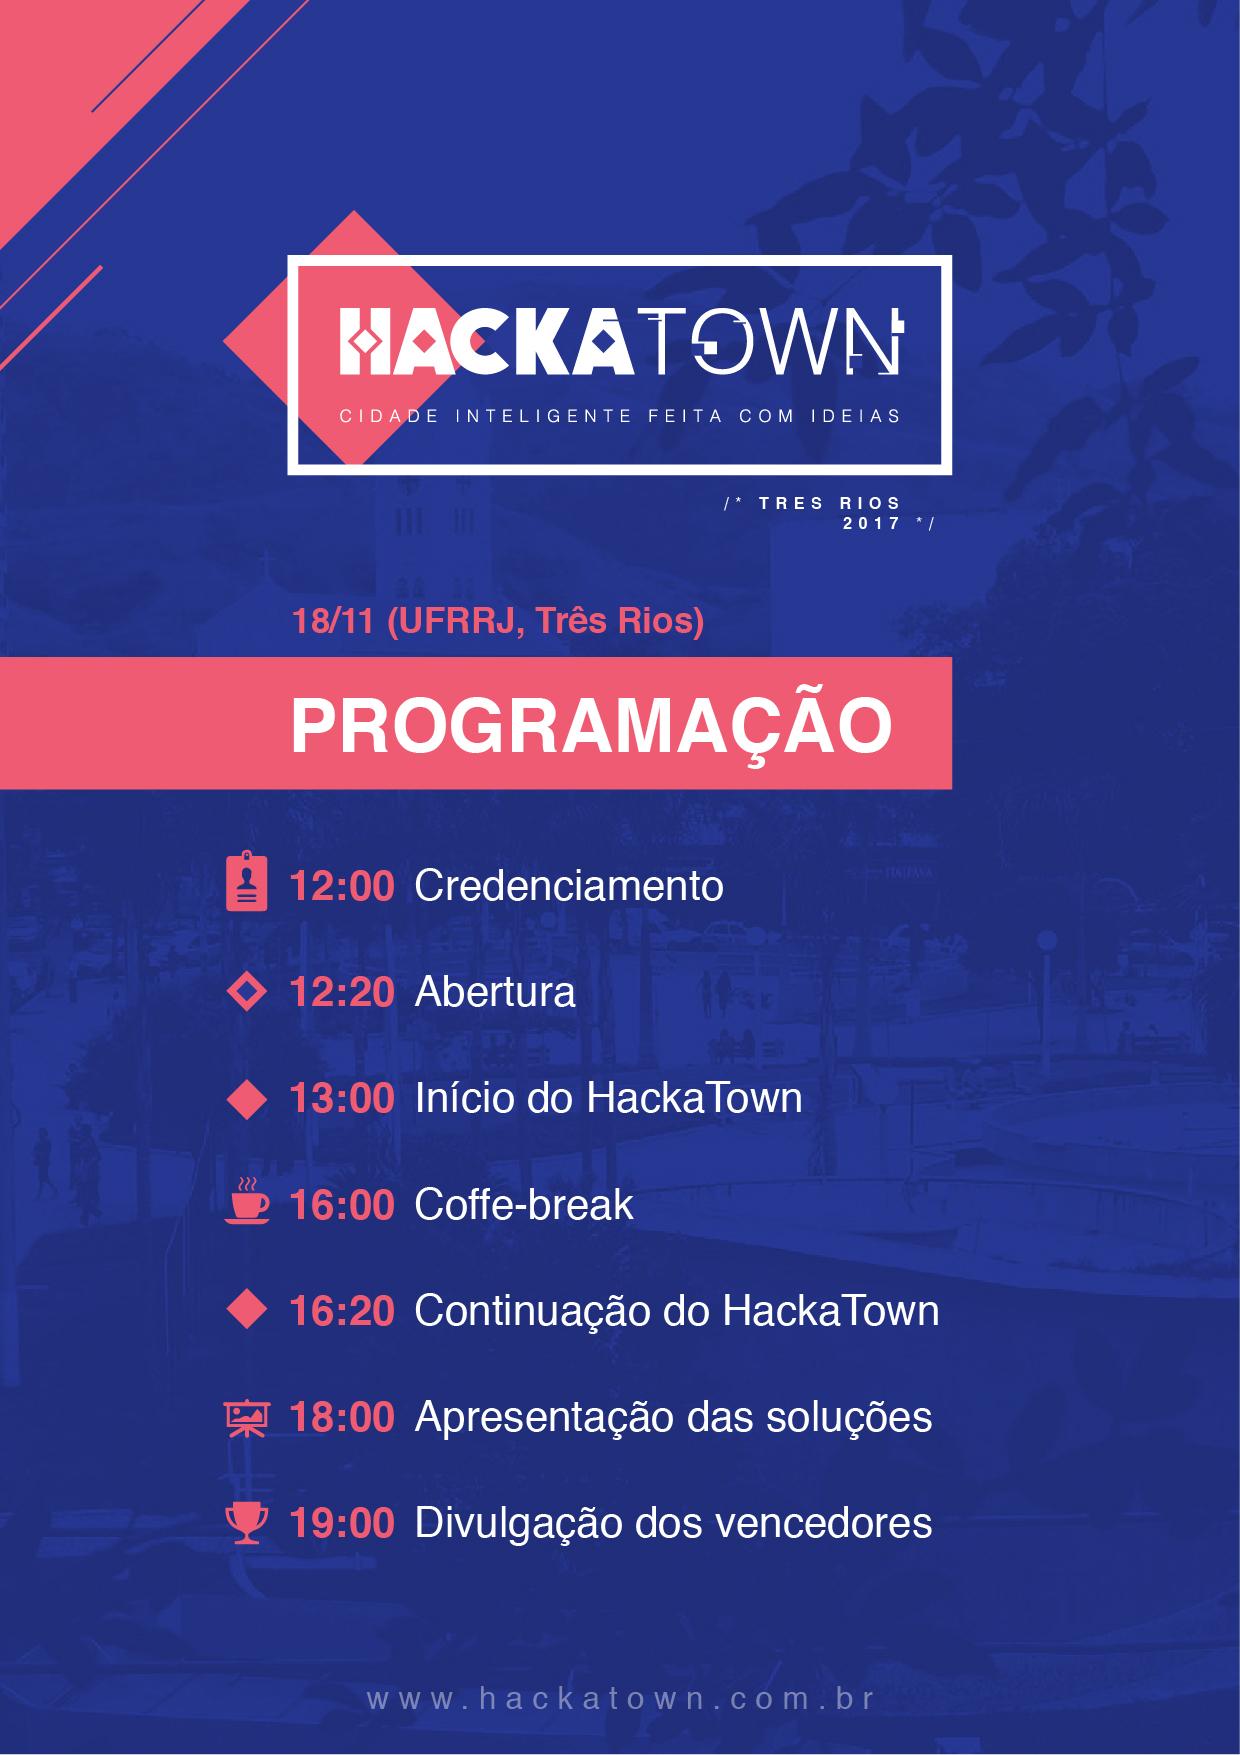 Programacao do HackaTown Três Rios - Hackathon